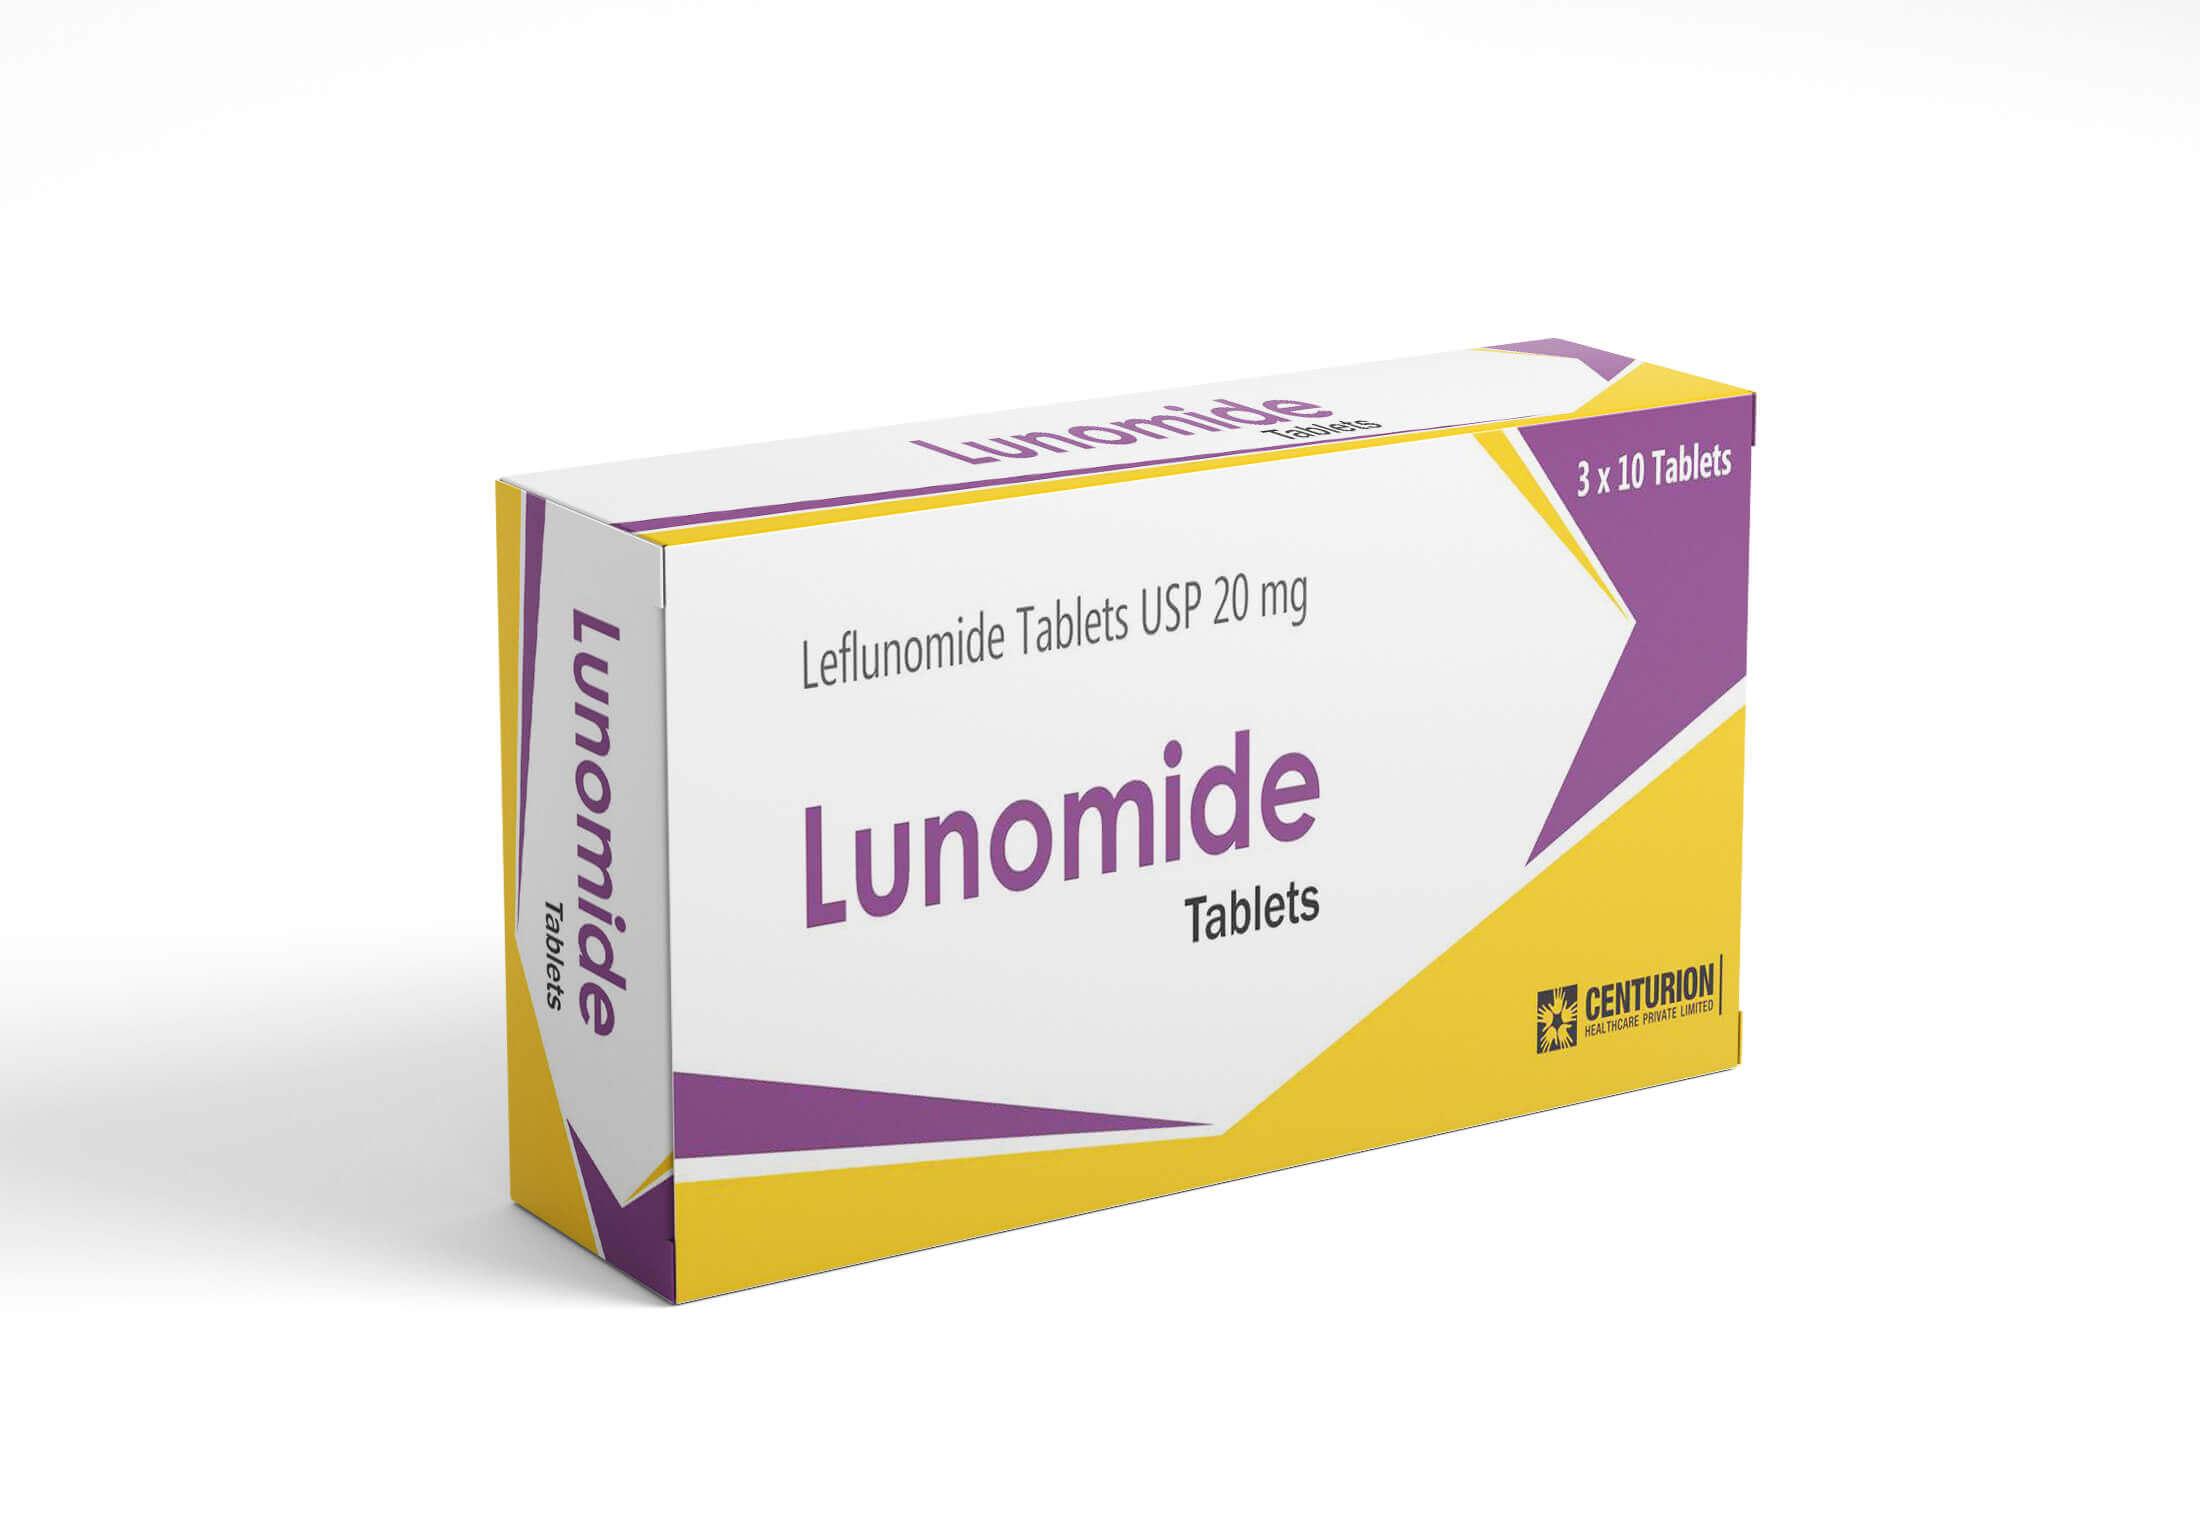 Leflunomide Tablets USP